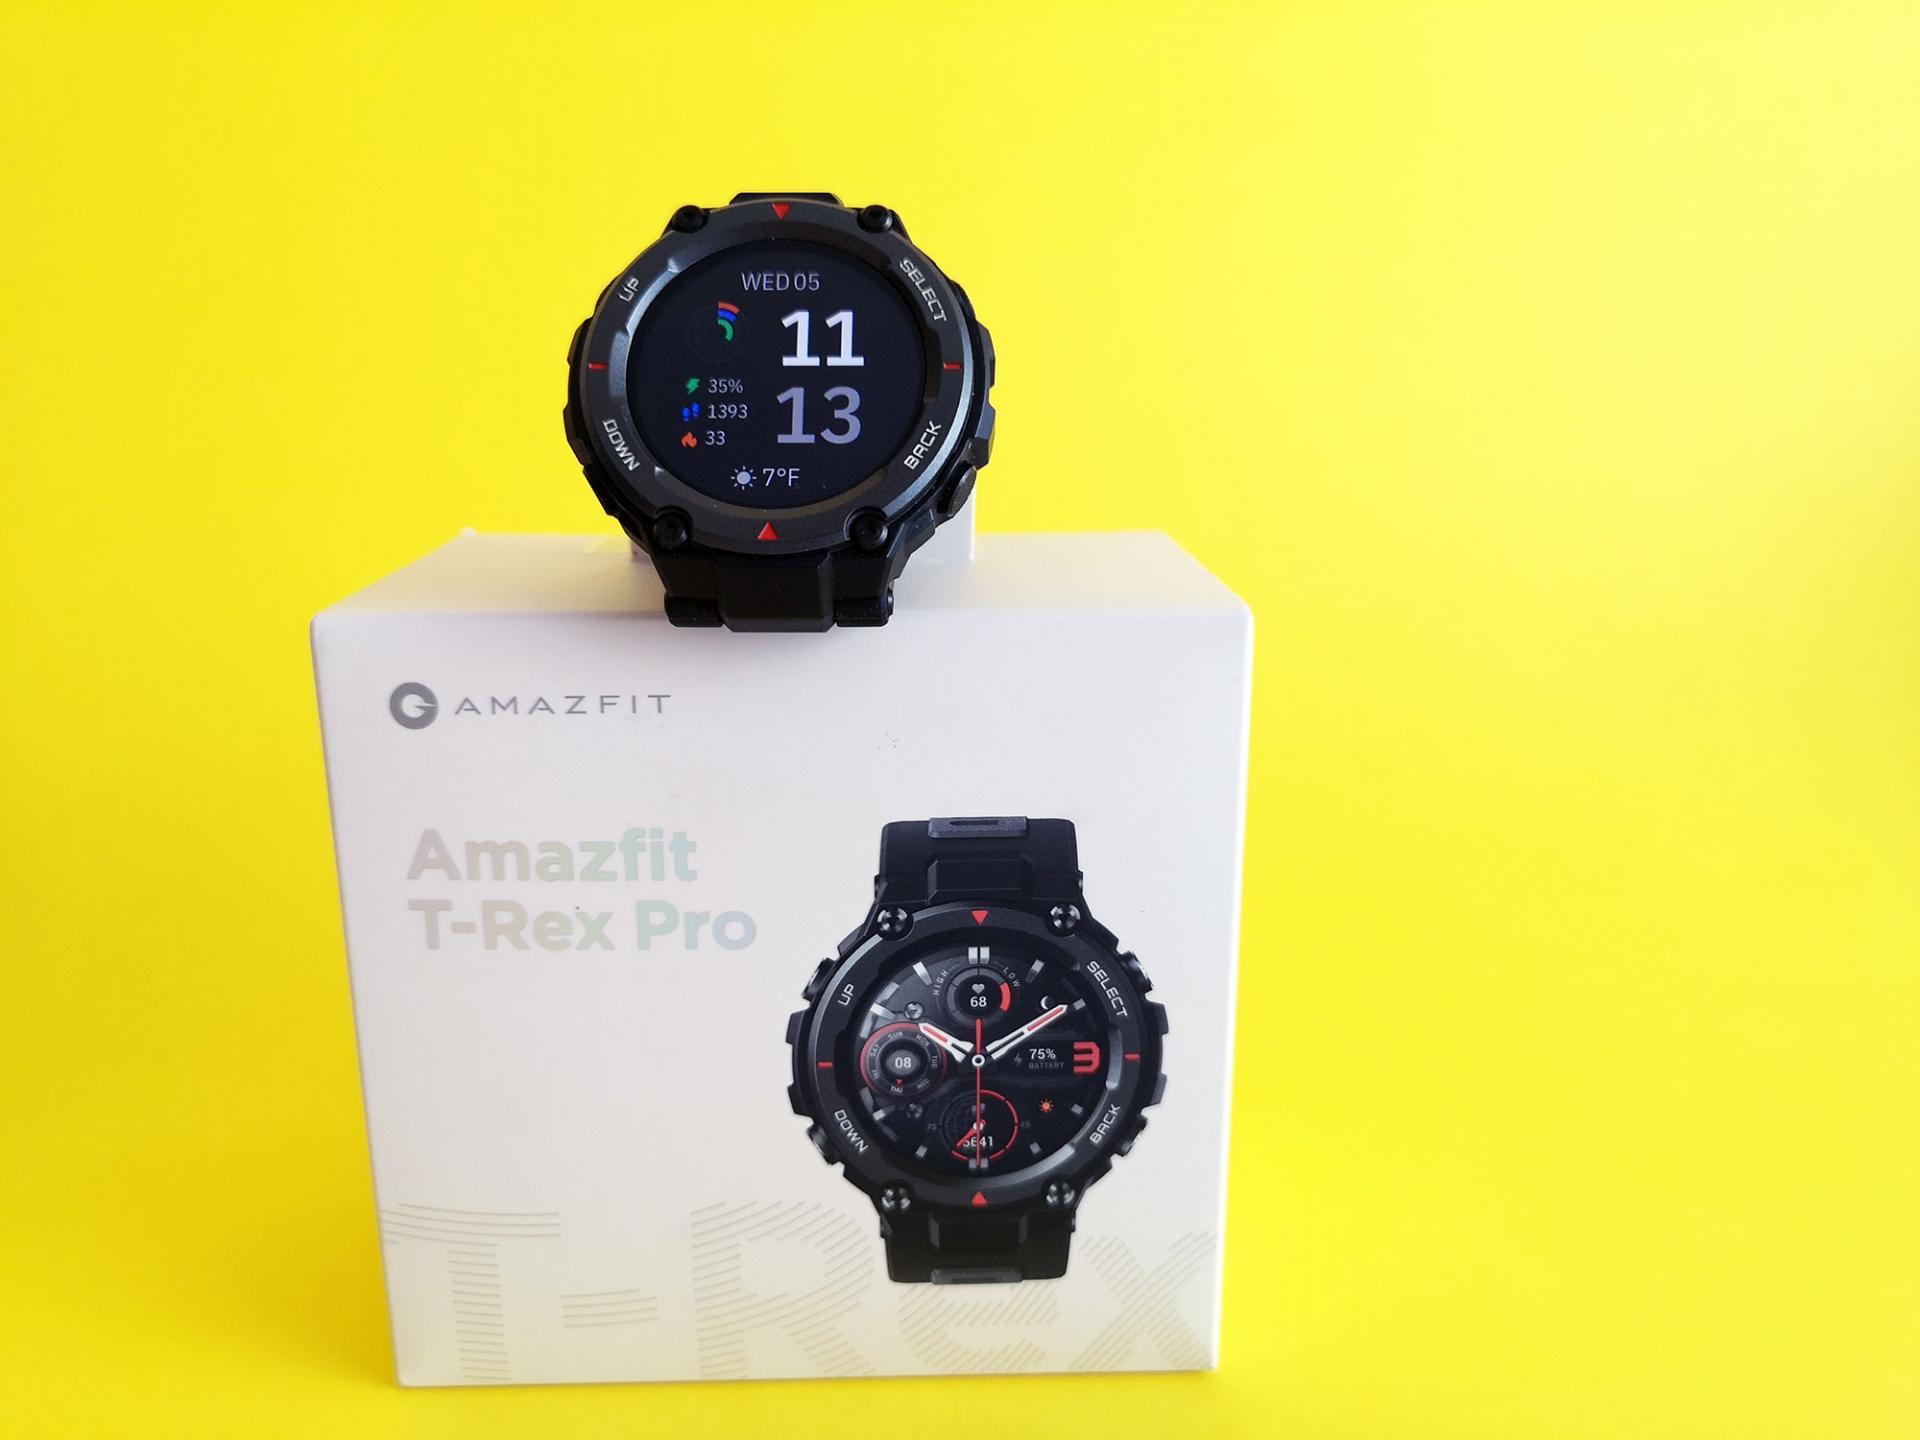 Тест-драйв умных часов Amazfit T-Rex Pro